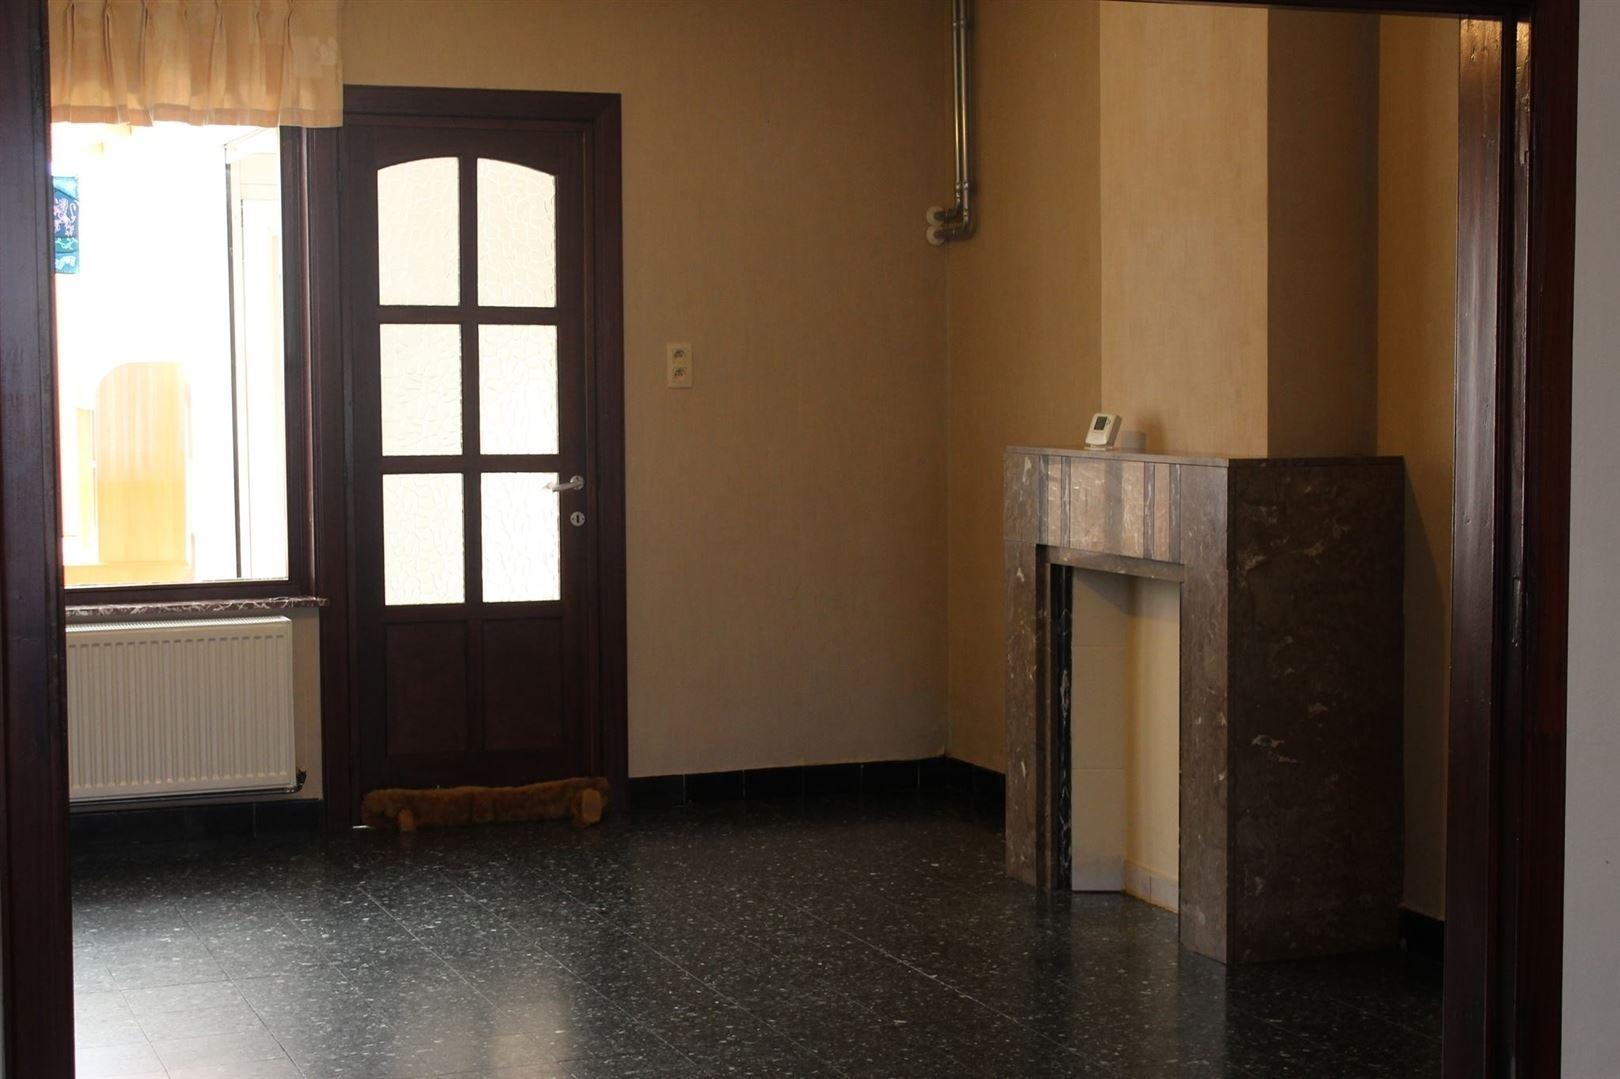 Foto 7 : Woning te 9200 Baasrode (België) - Prijs € 695